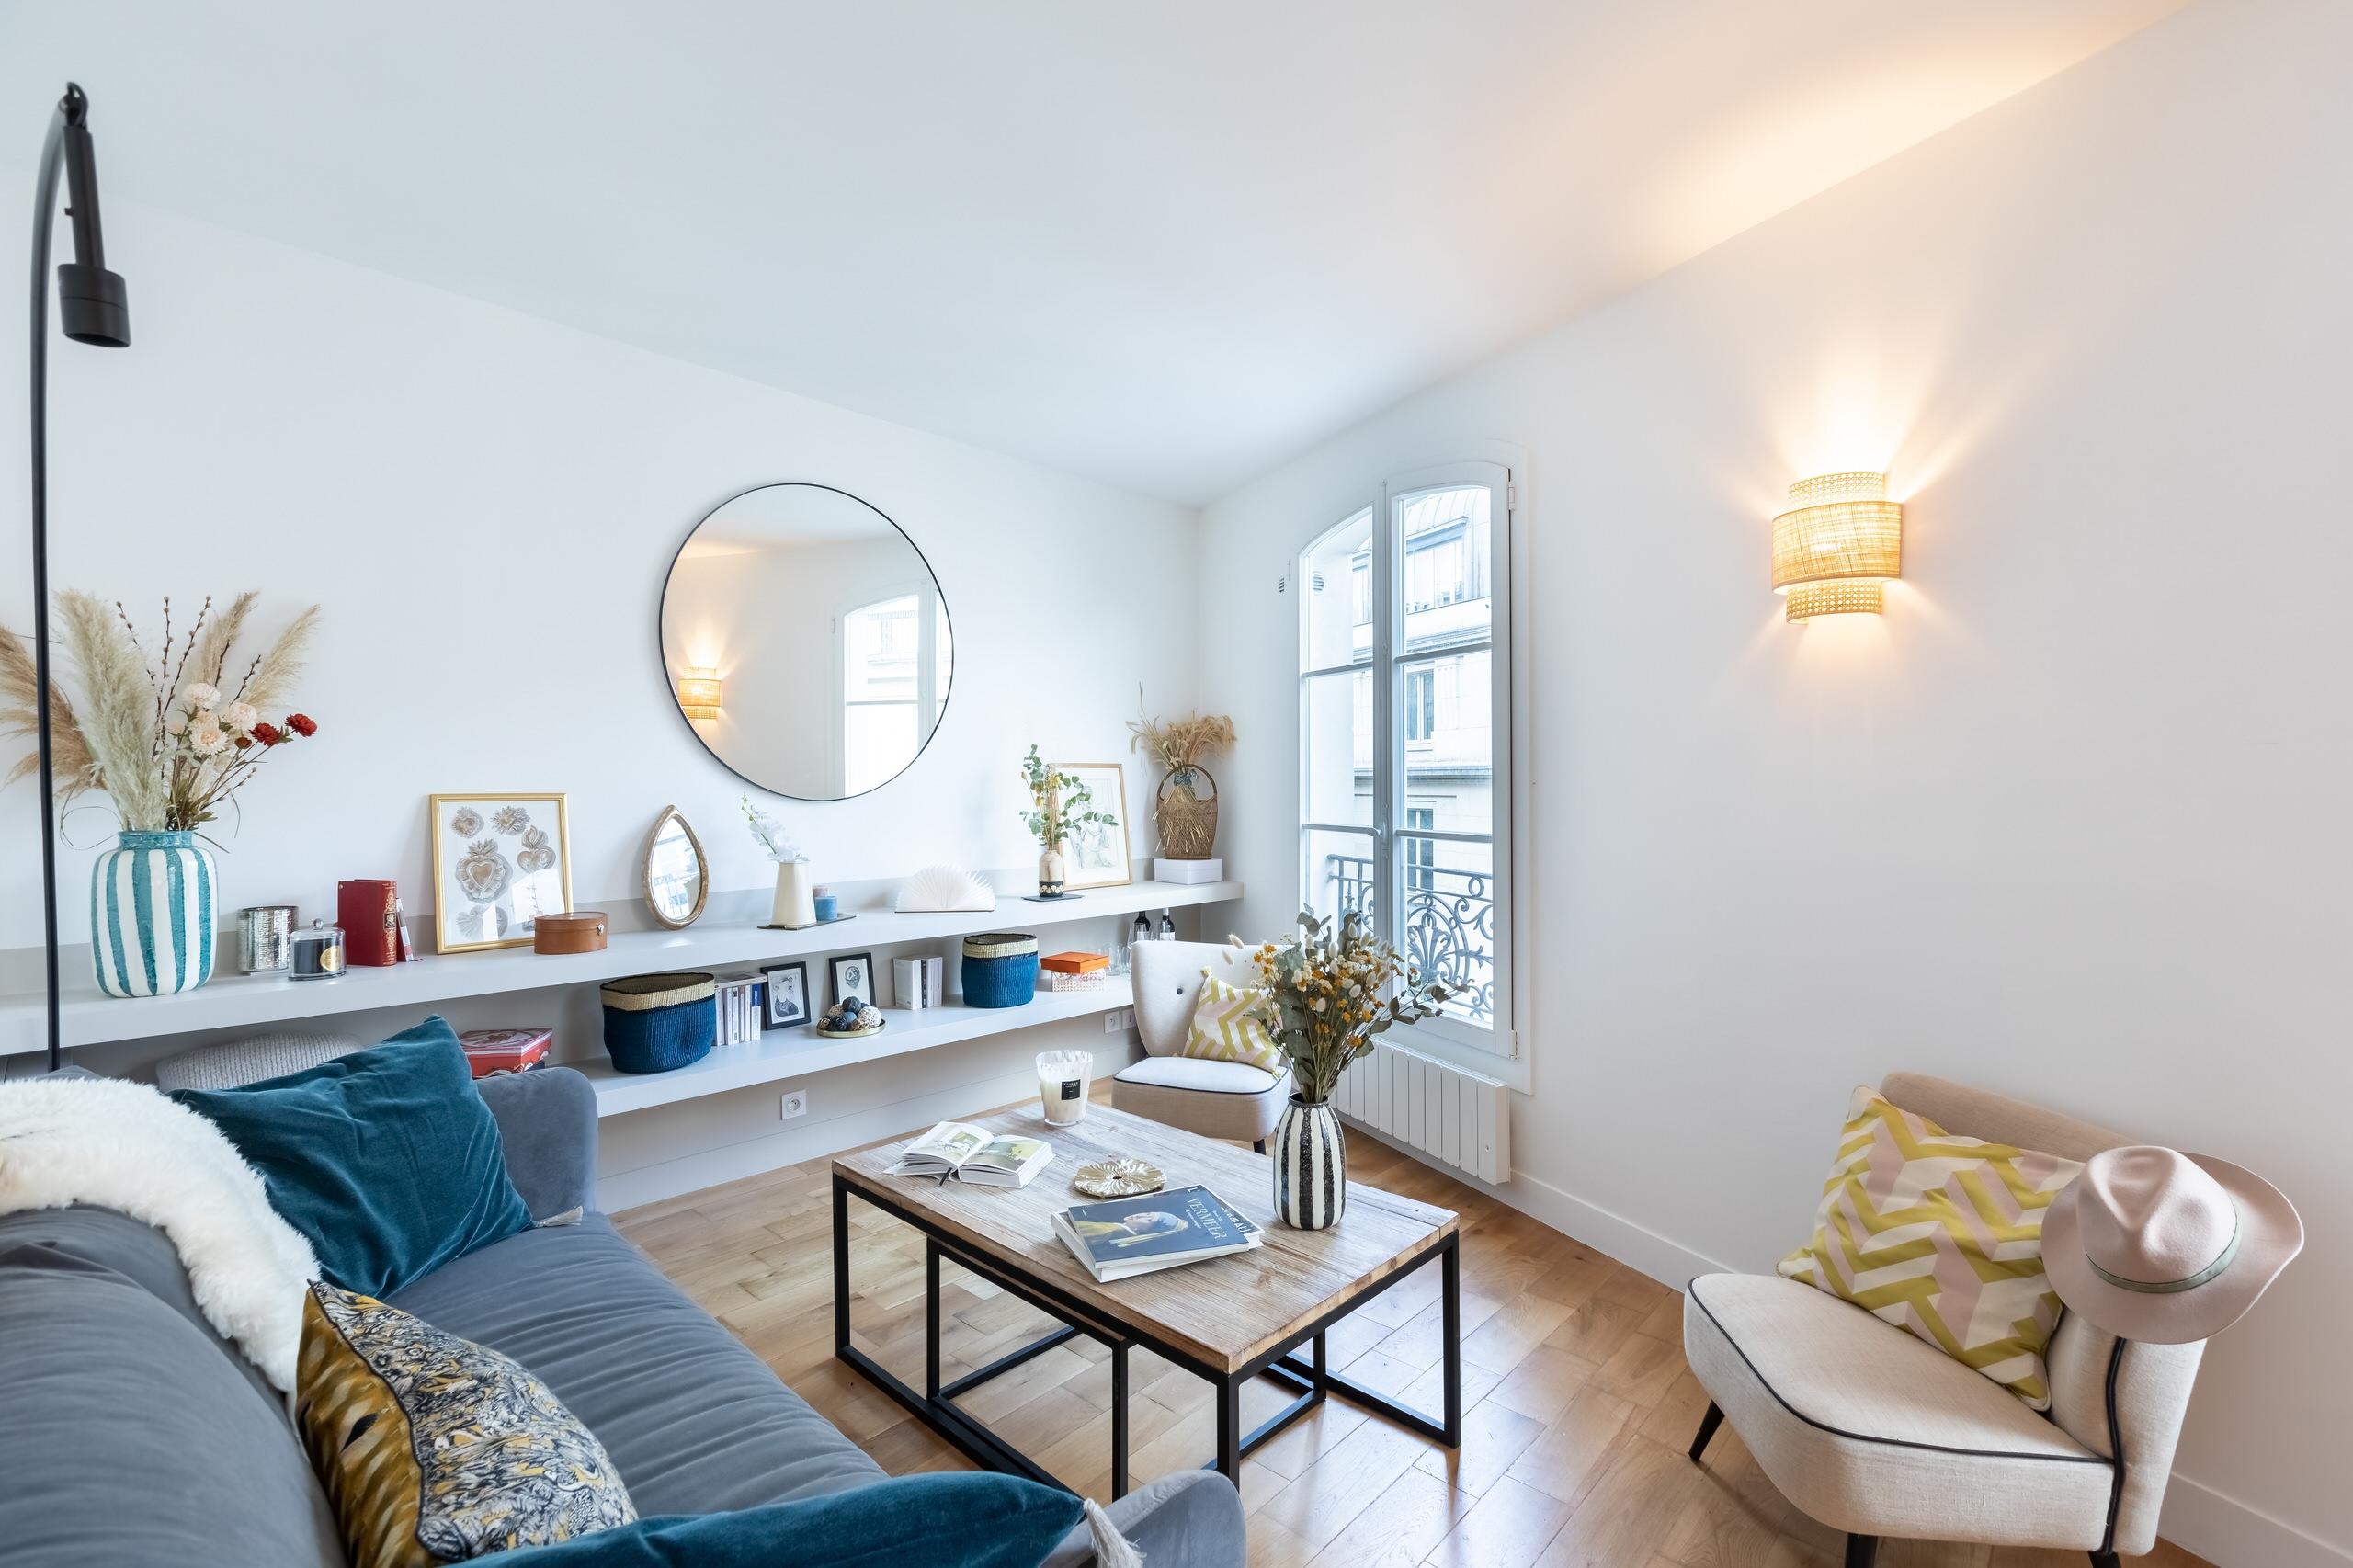 30m² au coeur de Paris - rénovation complète